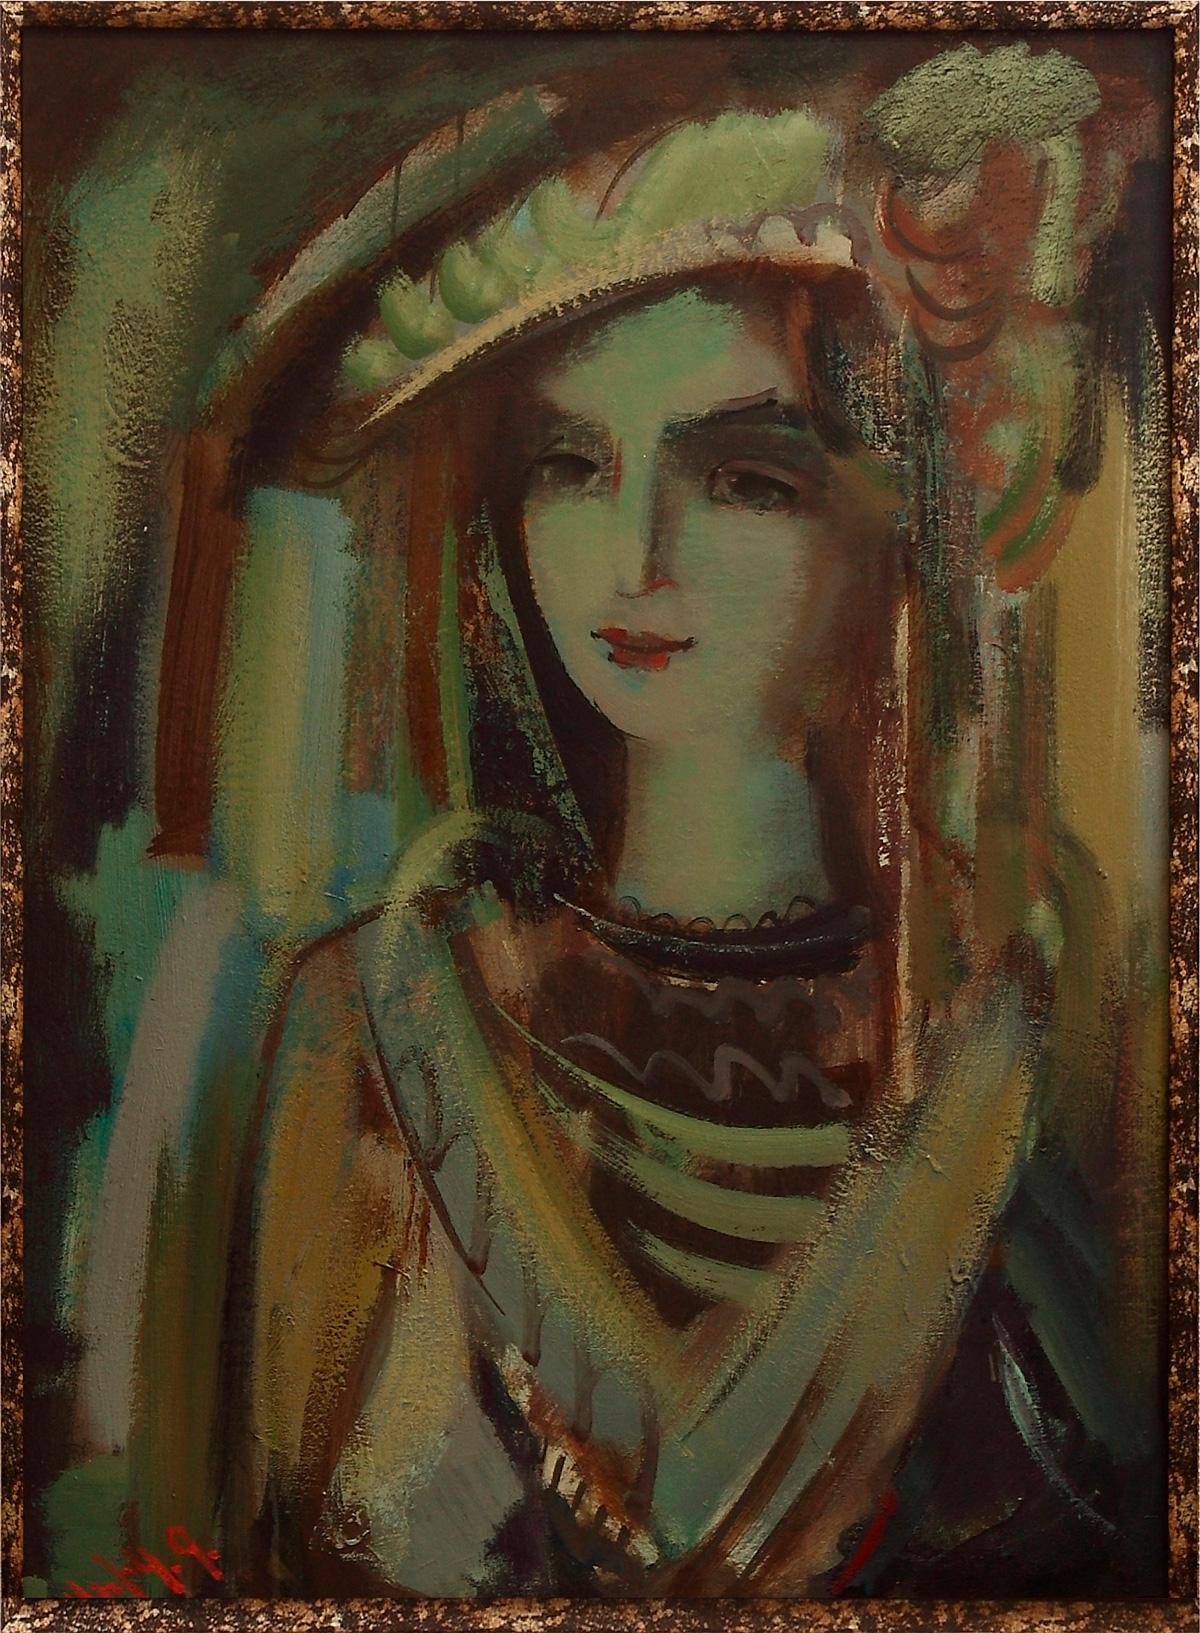 портрет 2007 2009 хм 3 - Inspired portrait, 80х60, oil on canvas, 2007-2009